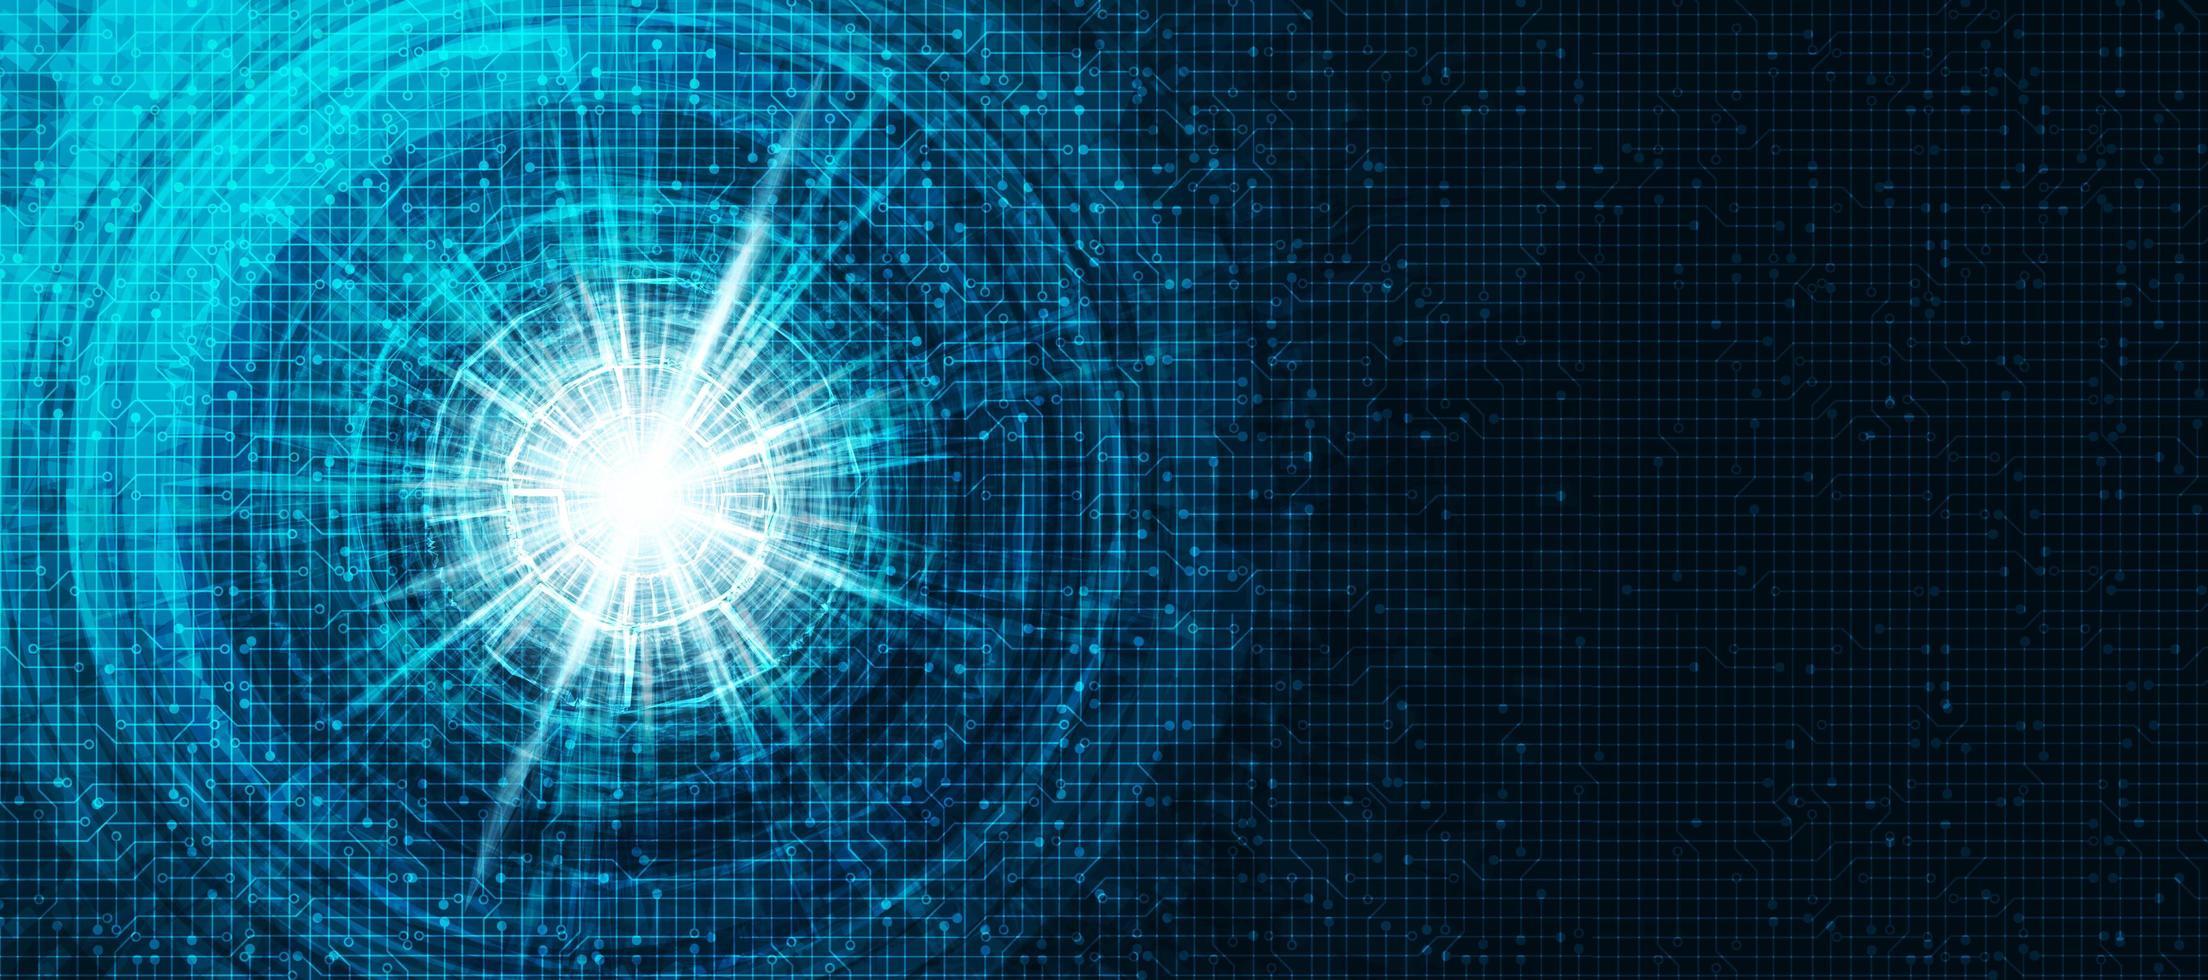 cercle tech sur fond de technologie vecteur